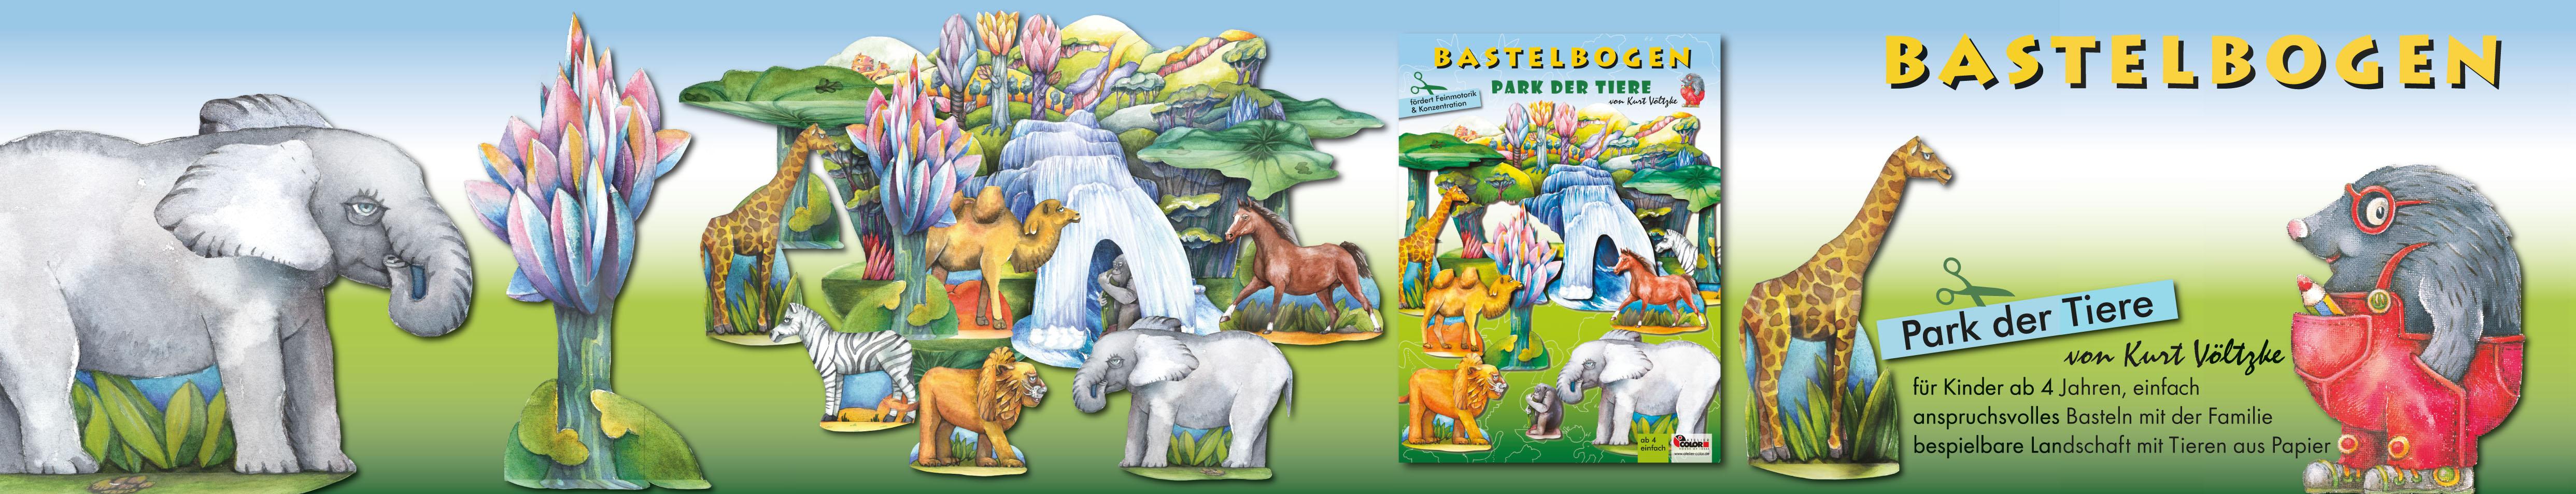 Bastelbogen Park der Tiere